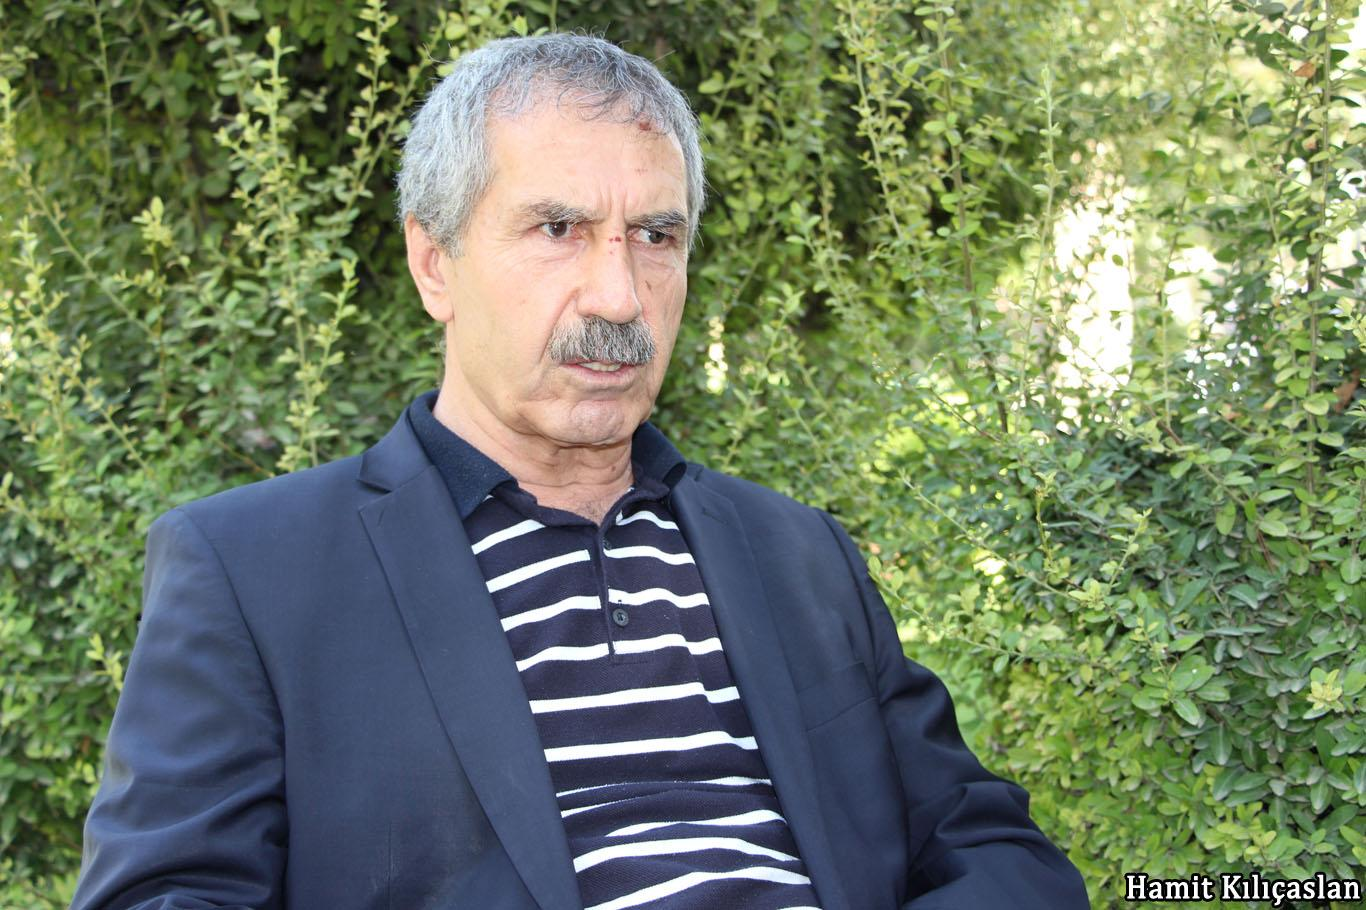 Siyasetmedarê Kurd Hemît Kiliçaslan ji ber Koronayê jiyana xwe ji dest da